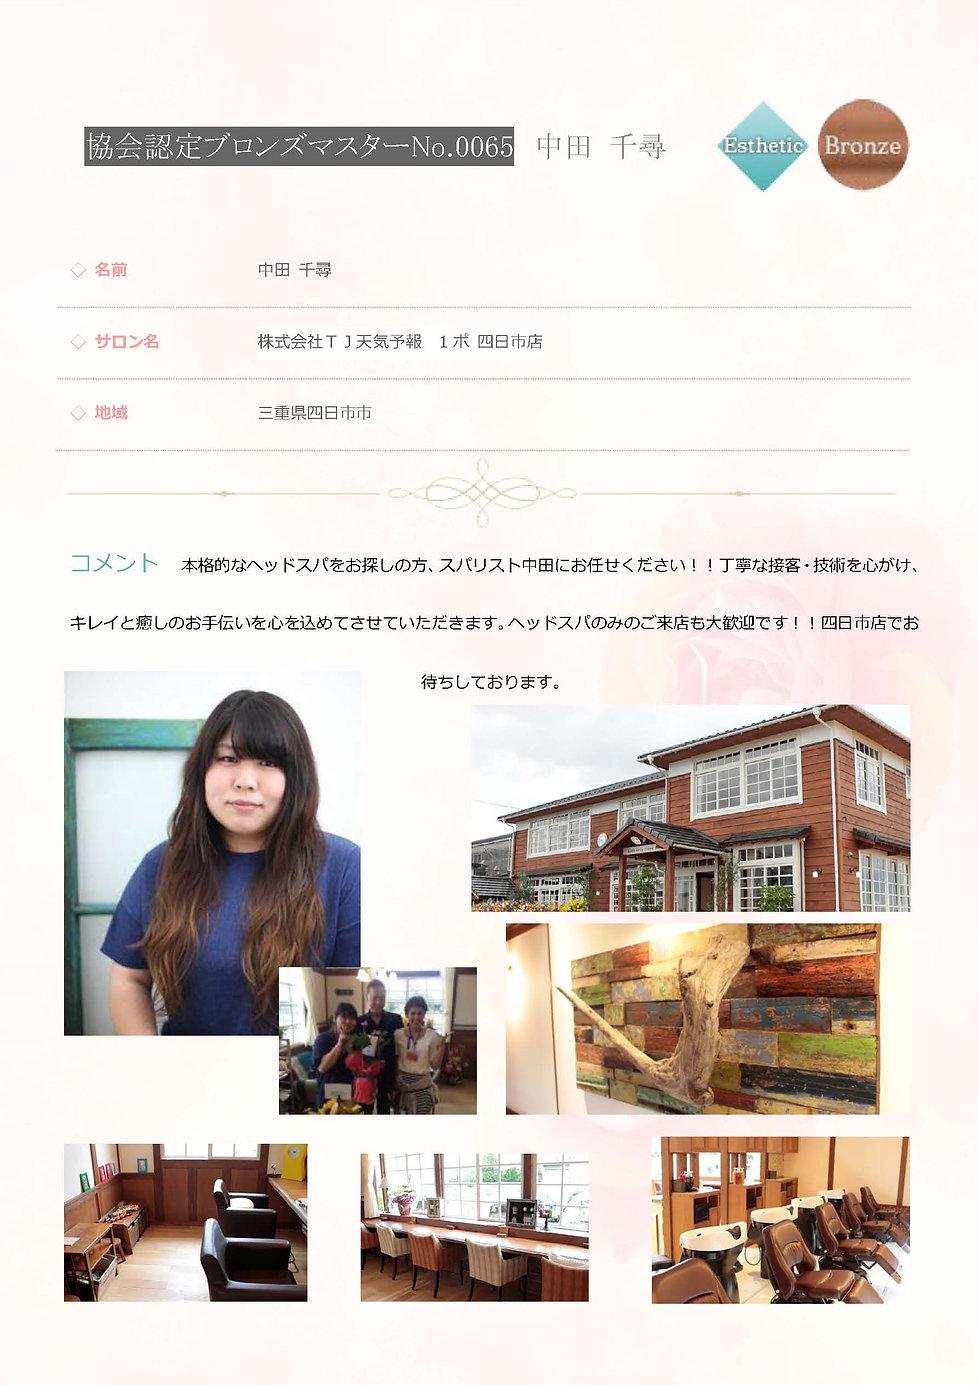 協会認定 ブロンズマスター エステ No0065 中田 千尋